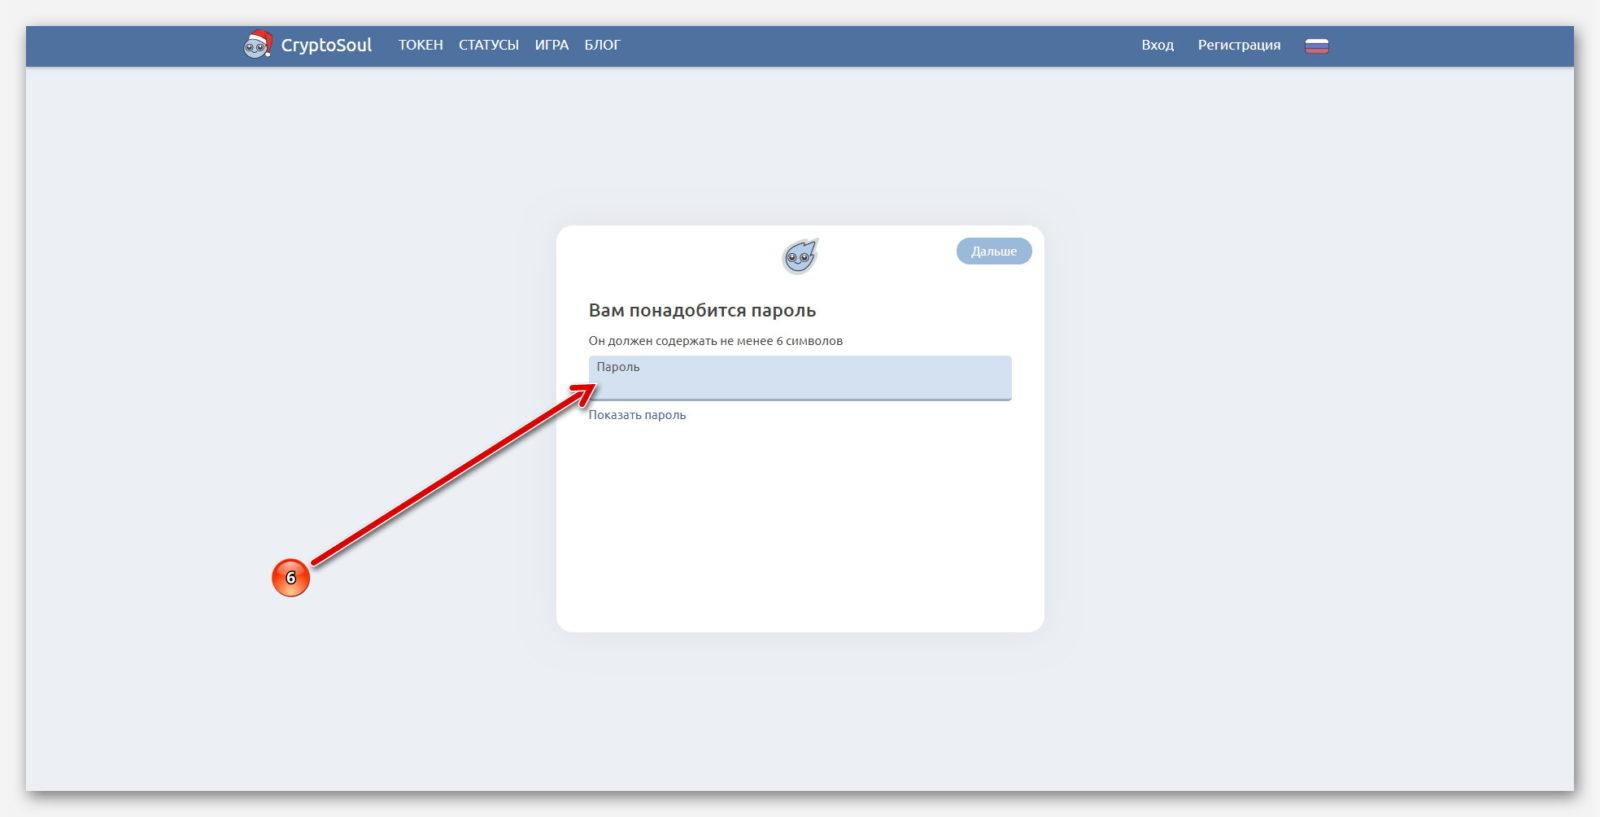 Форма для ввода пароля, на сайте CryptoSoul